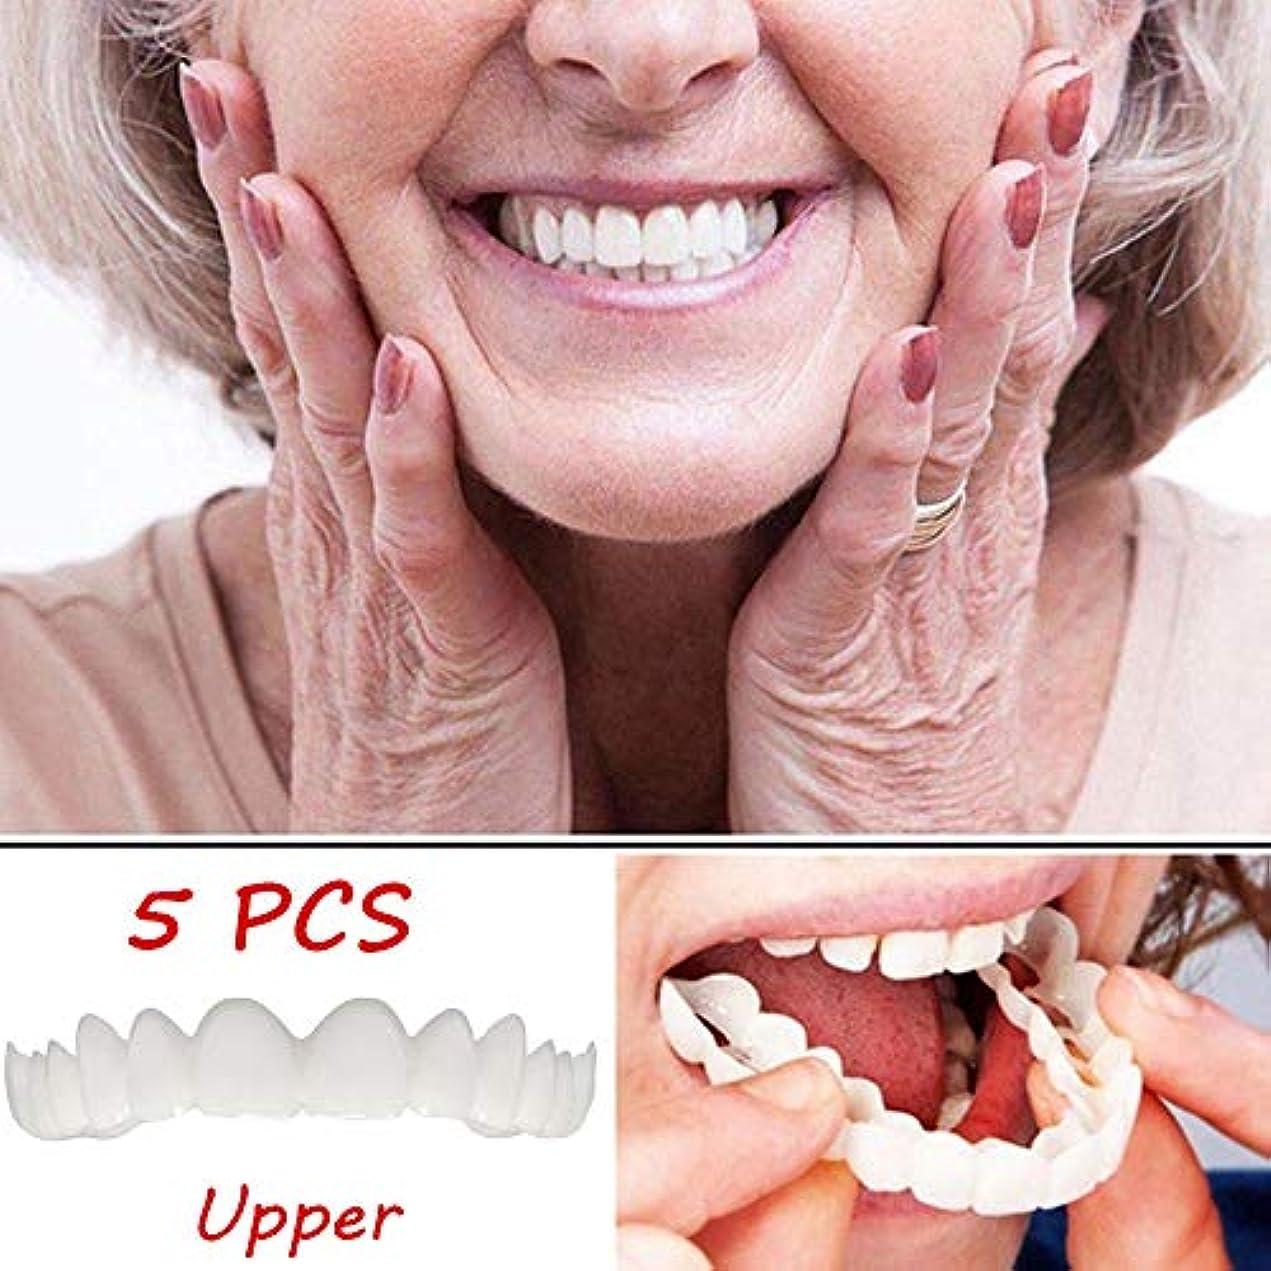 快適なベニヤの歯は一時的に歯の上の歯の1つのサイズを白くする5 PCSを微笑みますほとんどの人々の美の歯のシミュレーションの歯の義歯の心配に合います